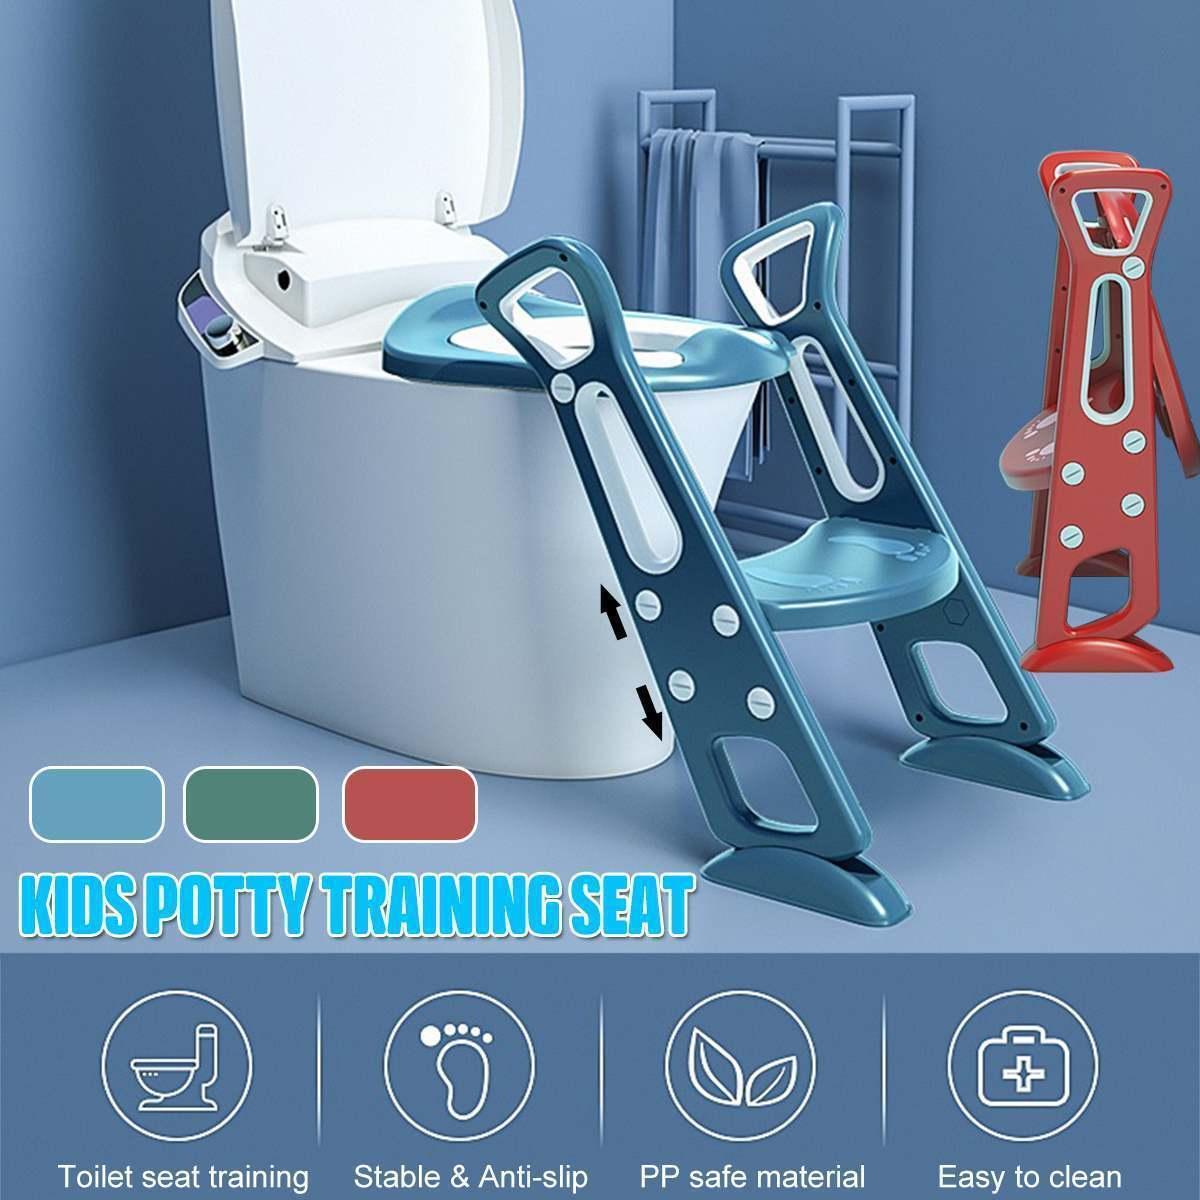 Faltender Baby-Töpfchen-Infant Kinder-WC-Trainingssitz mit sicherer einstellbarer Leiterhöhe tragbarer Urinal-Töpfchen-WC-Sitz für Kind LJ201110